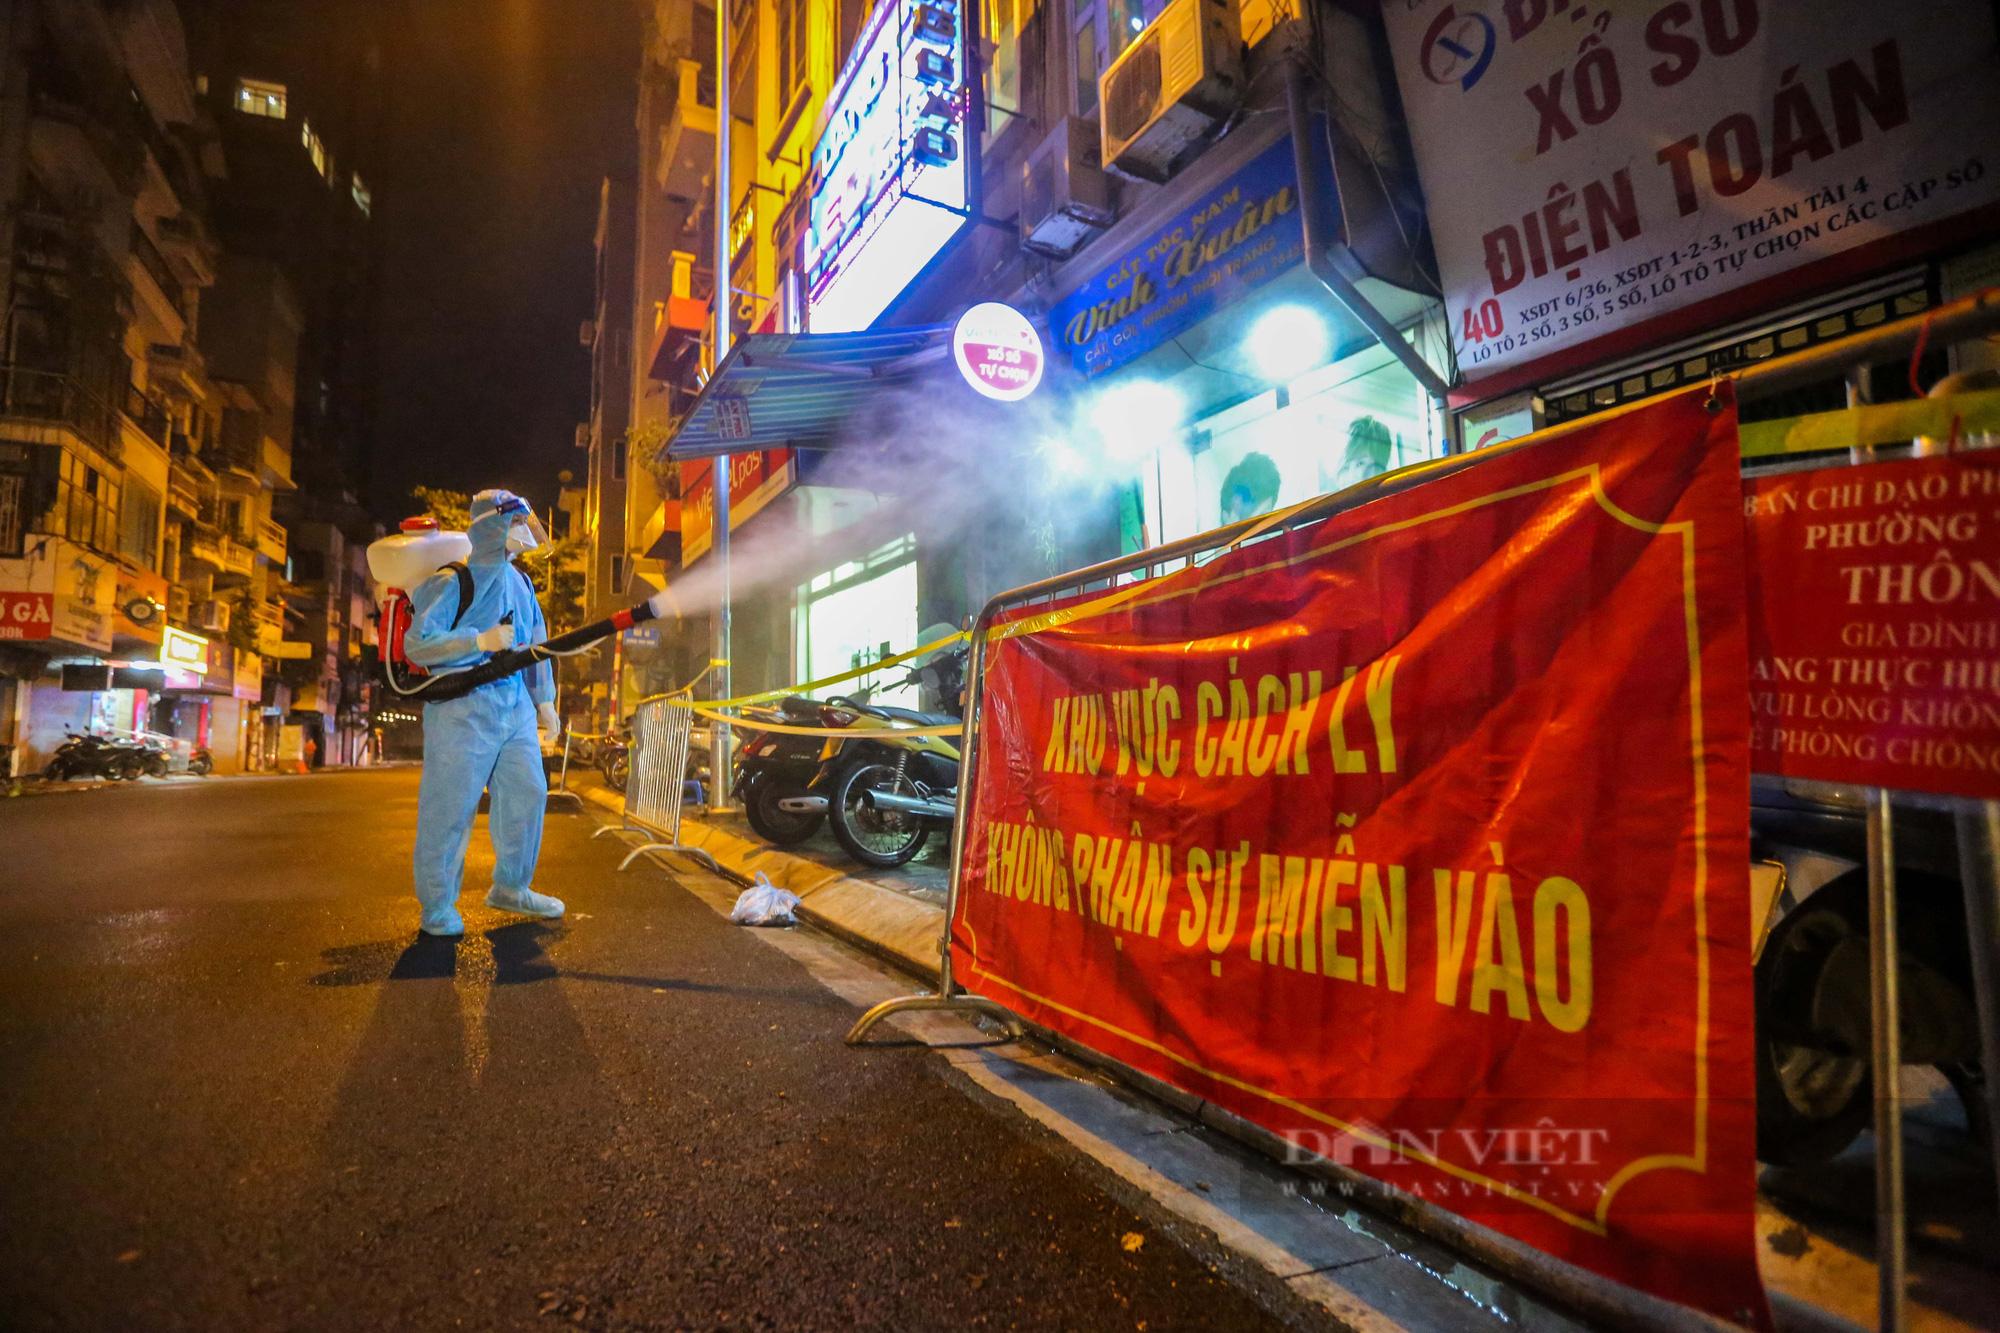 Xuyên đêm xét nghiệm cho hàng chục hộ dân trên phố Thuỵ Khuê - Ảnh 6.